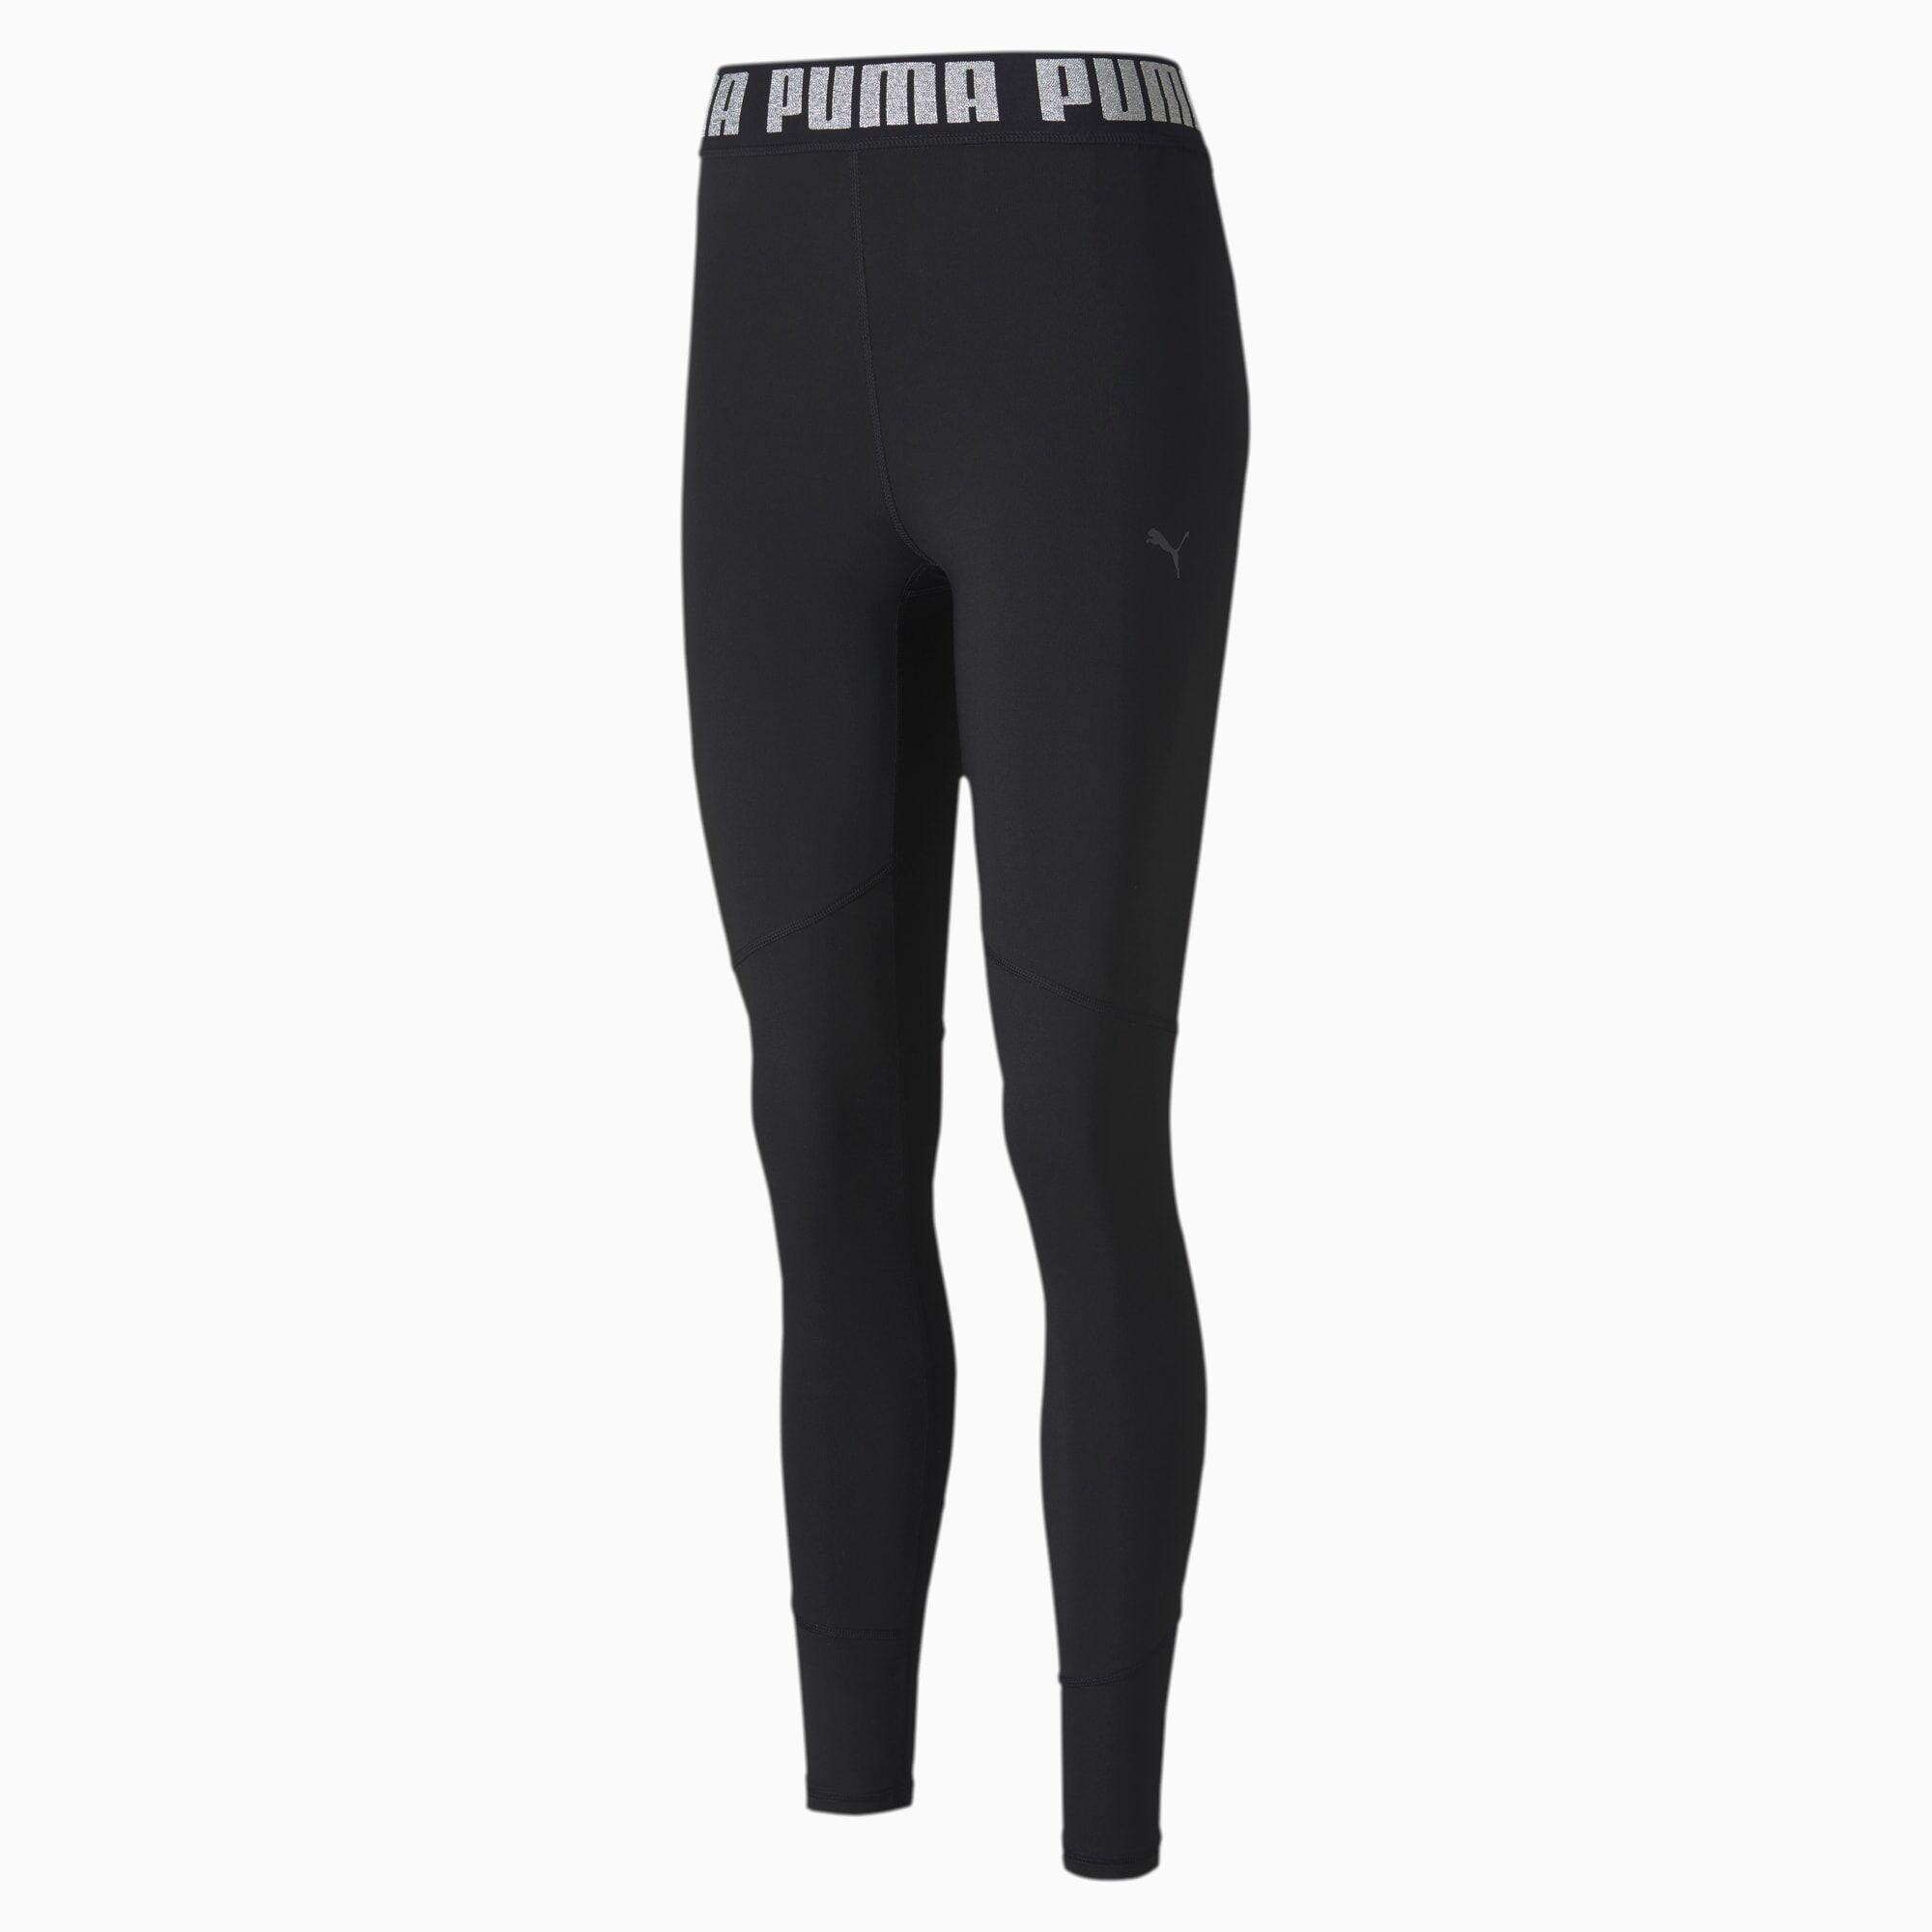 PUMA Collant Favourite Elastic 7/8 Training pour Femme, Noir, Taille XS, Vêtements